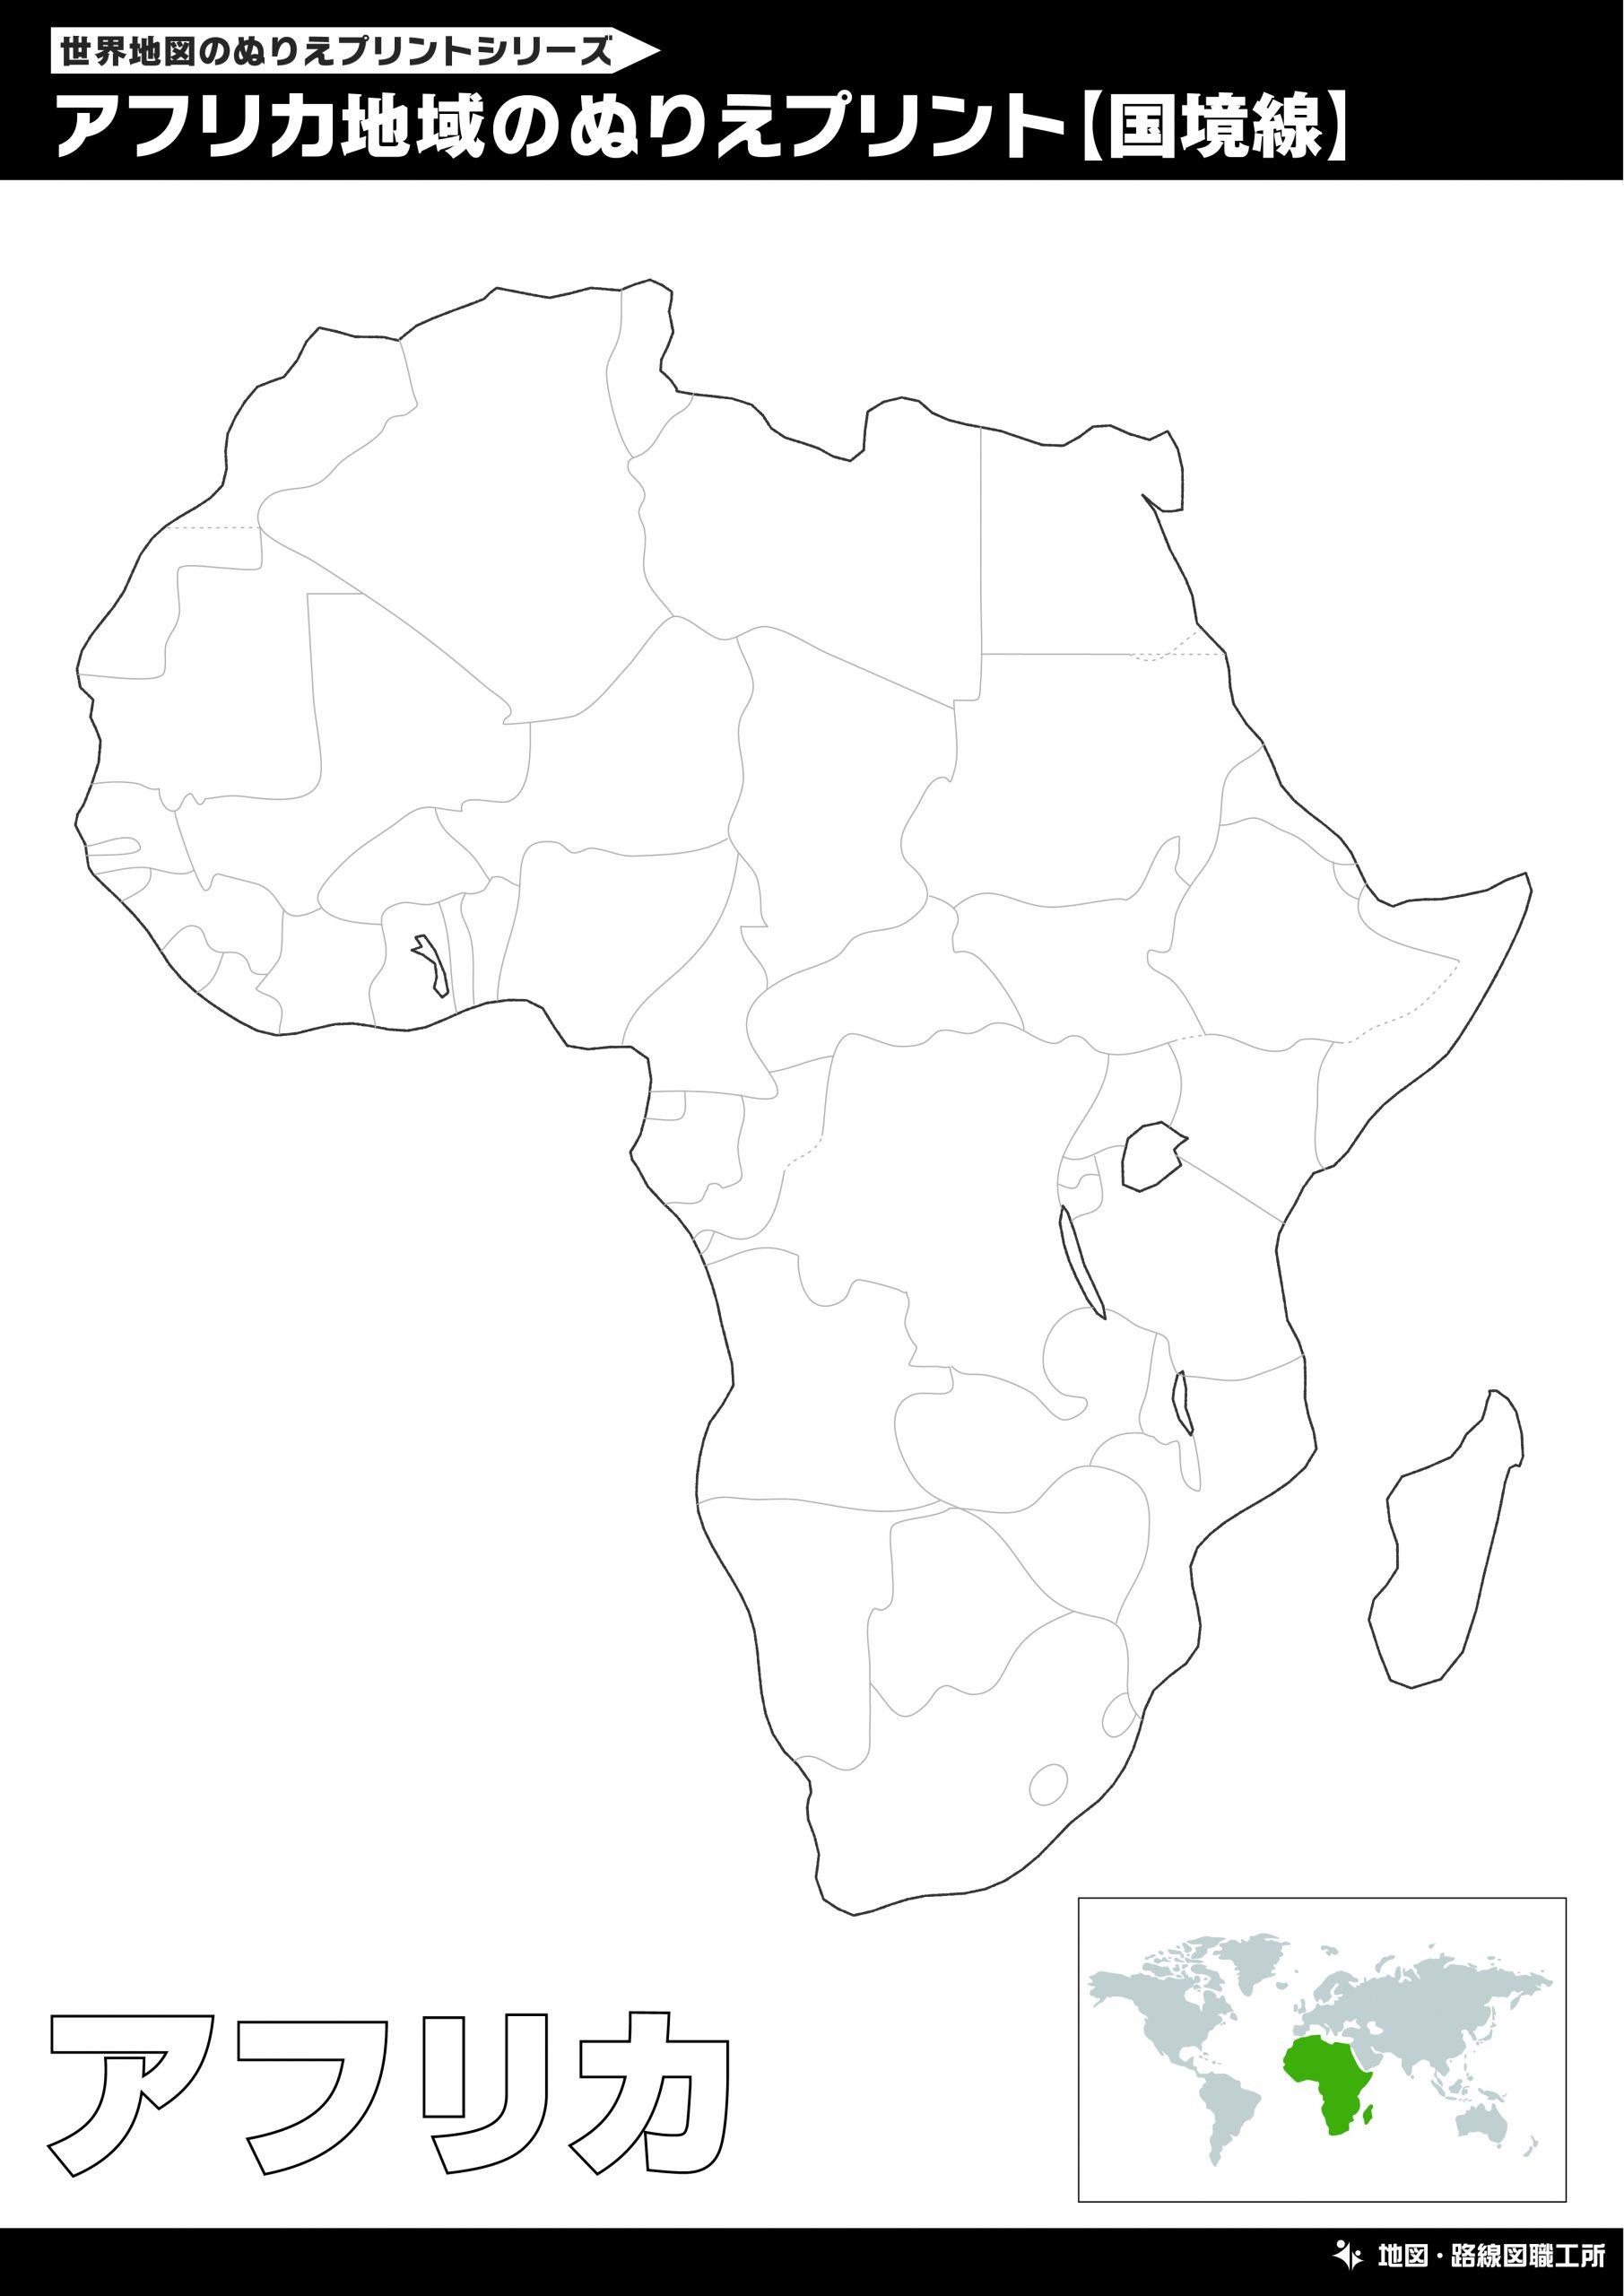 アフリカ地図のぬりえ 国境線あり